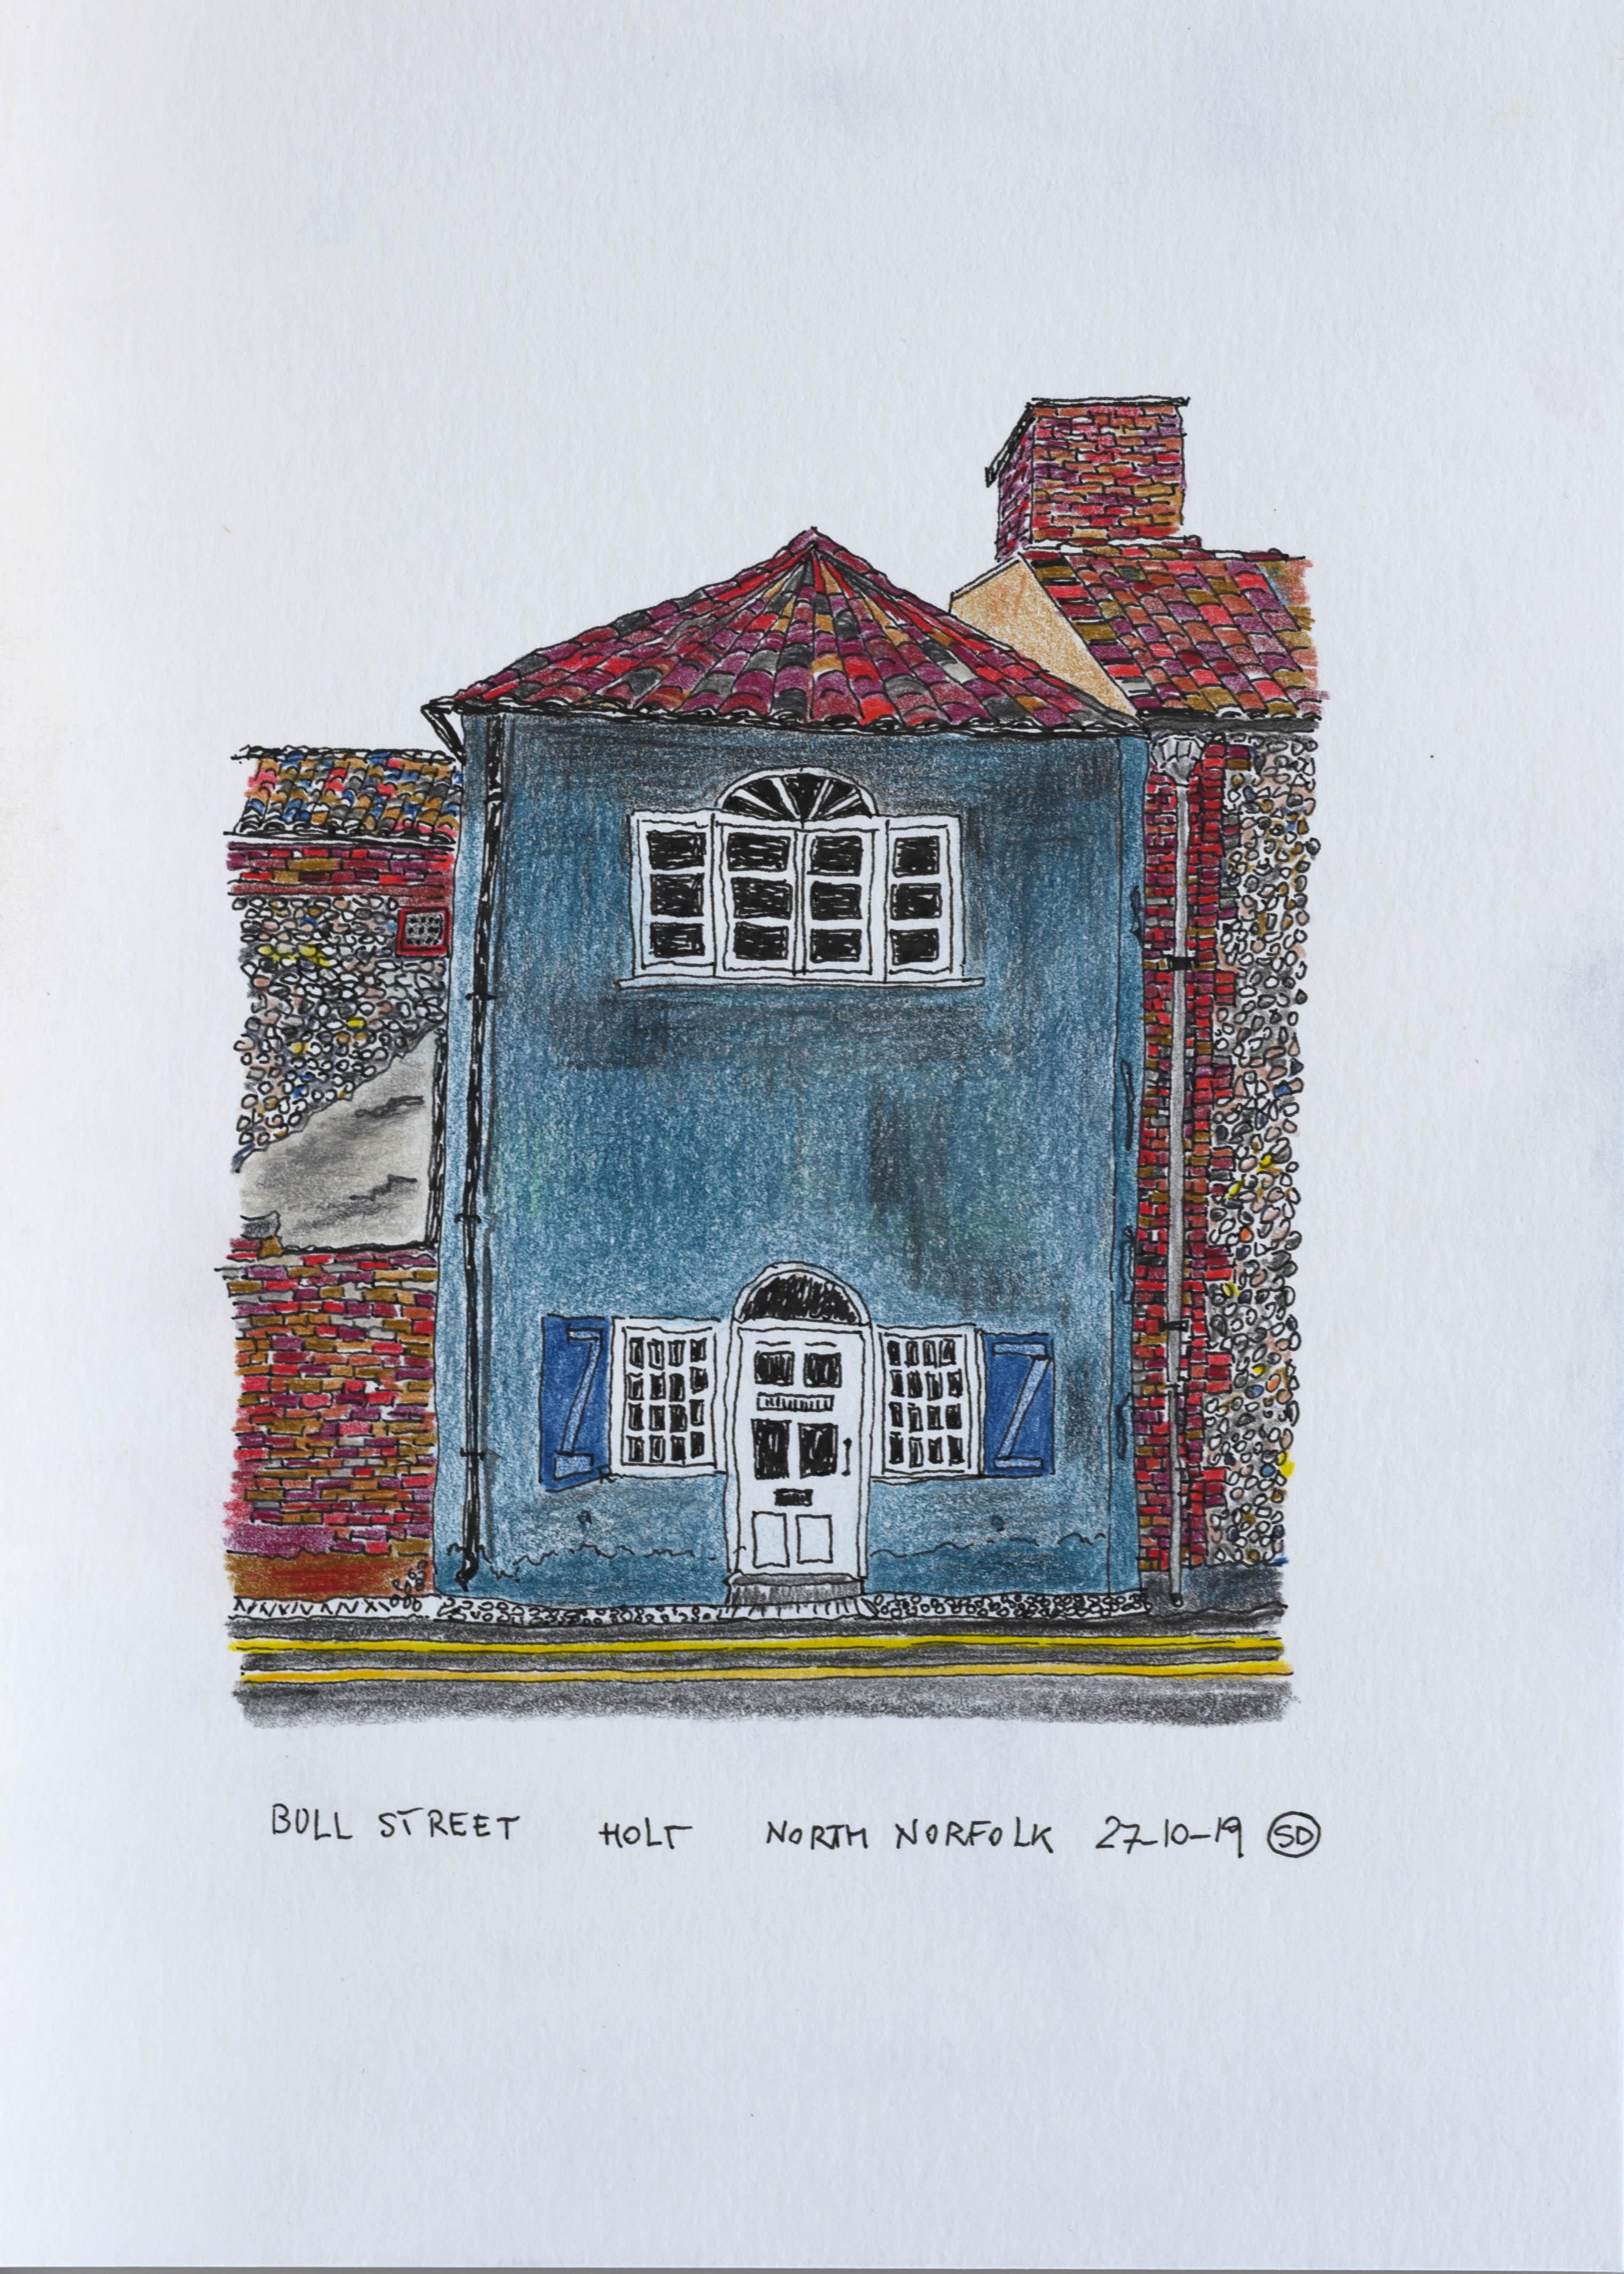 Bill Street Holt